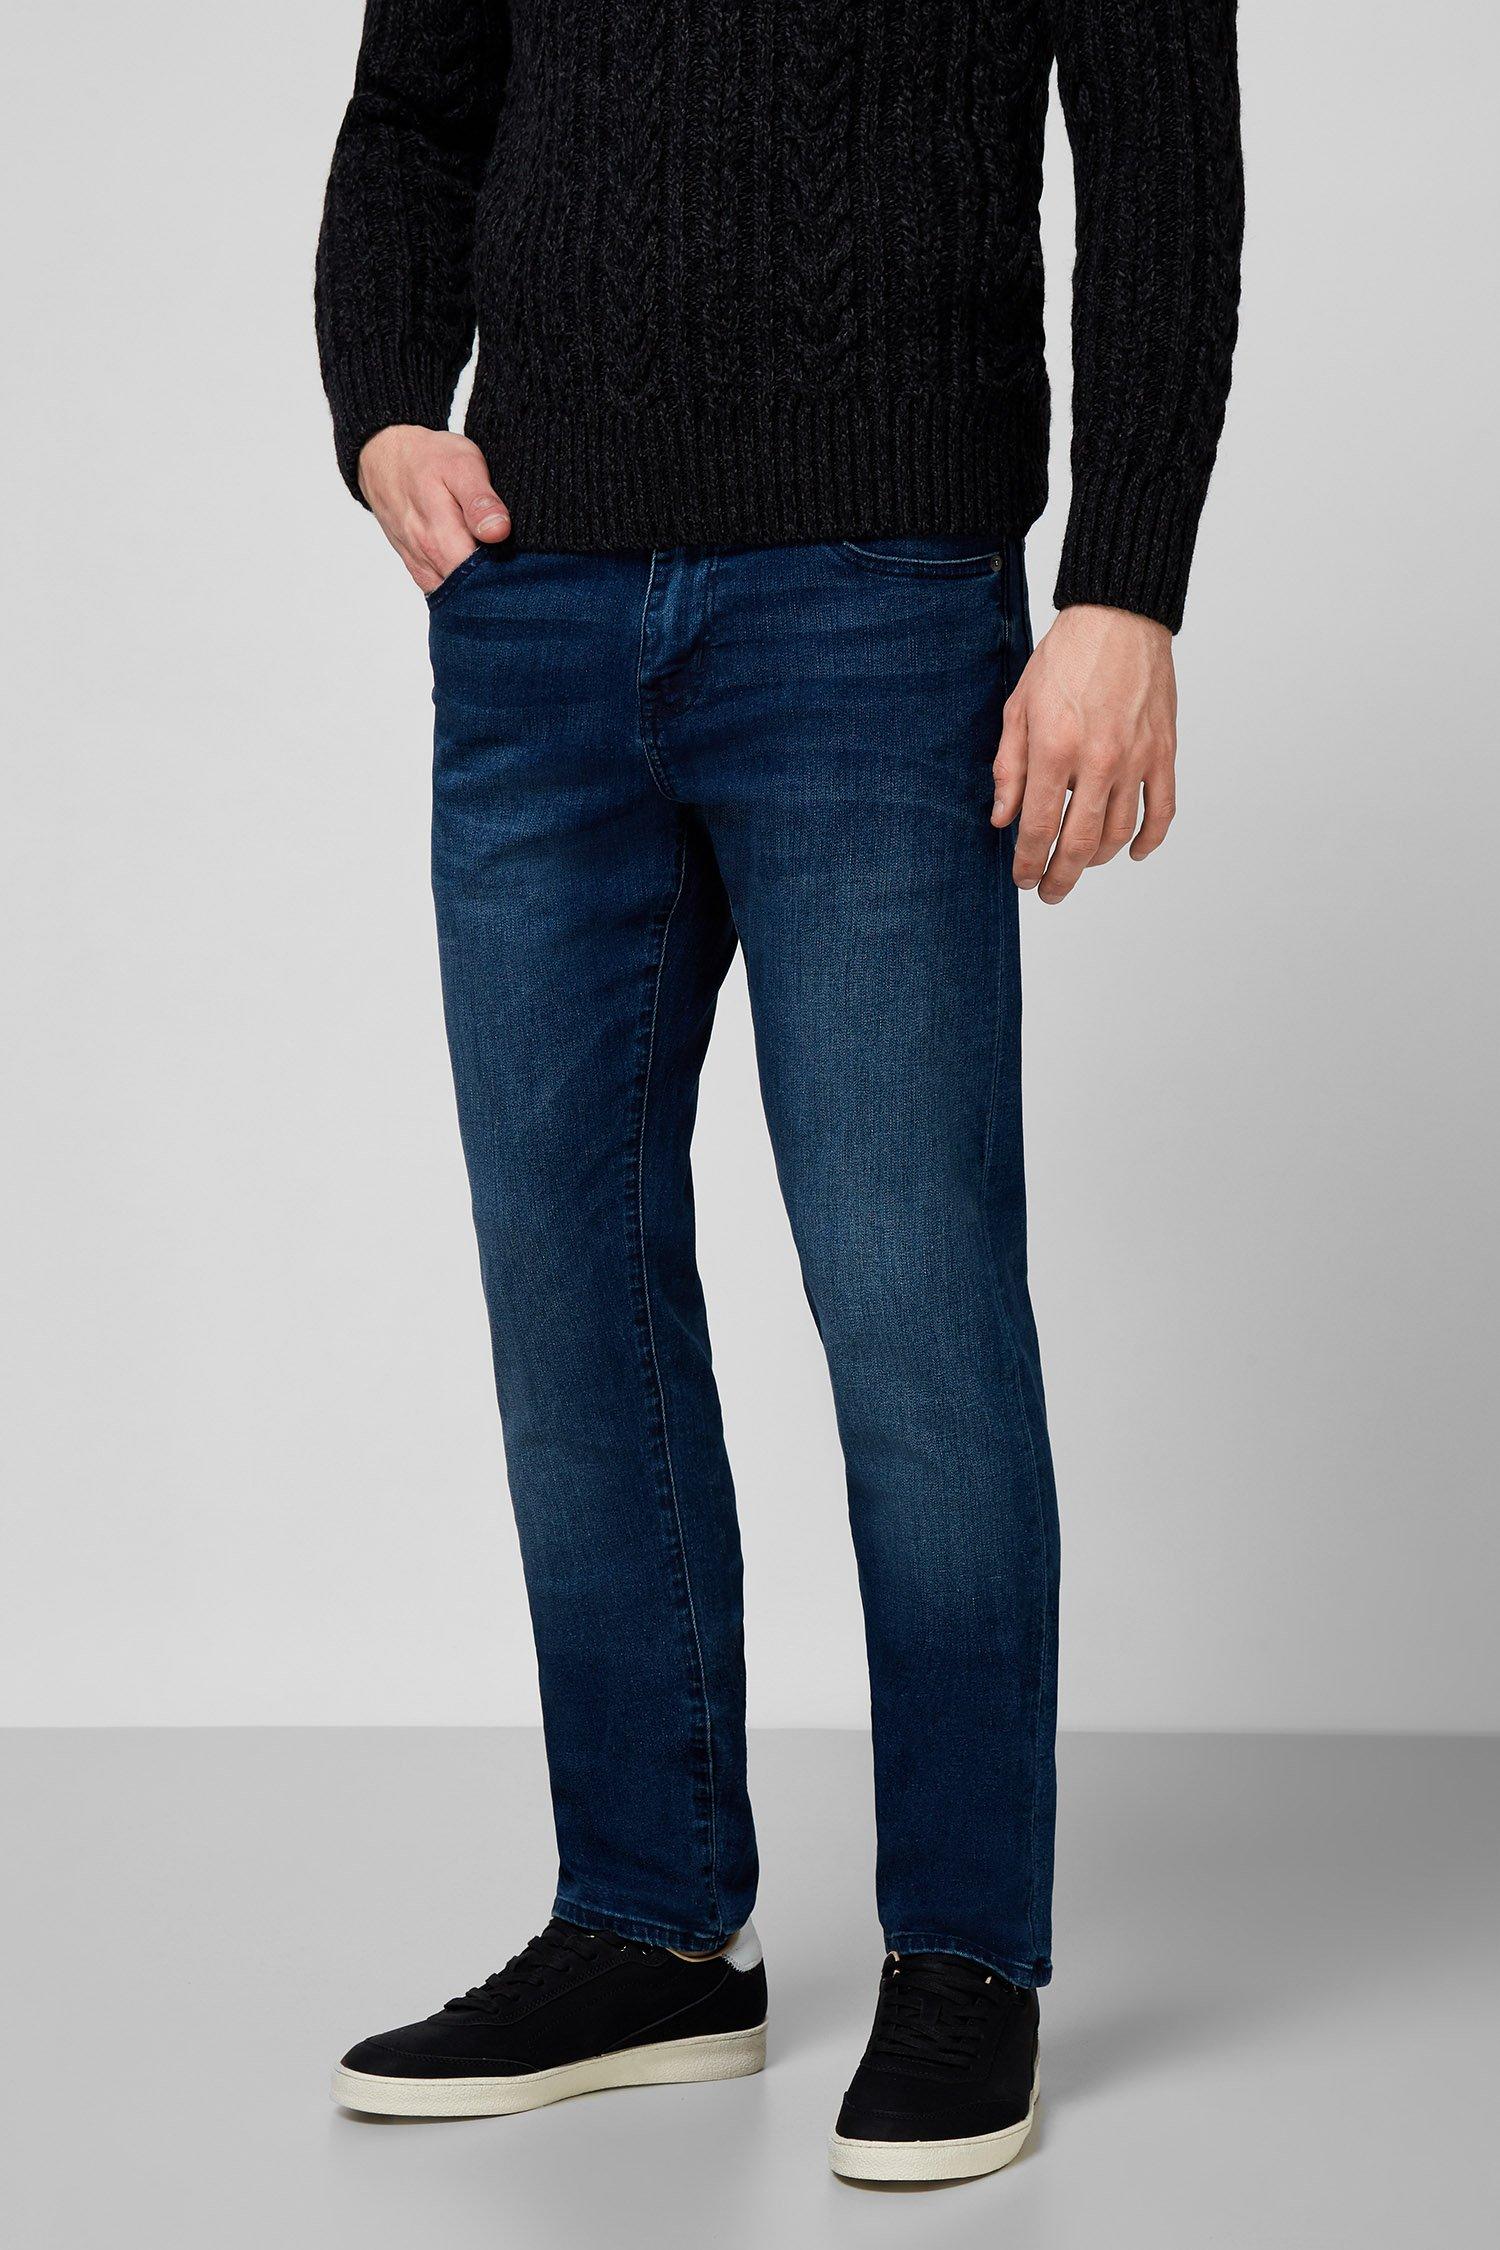 Мужские синие джинсы SuperDry M7010115A;3ZK — MD-Fashion